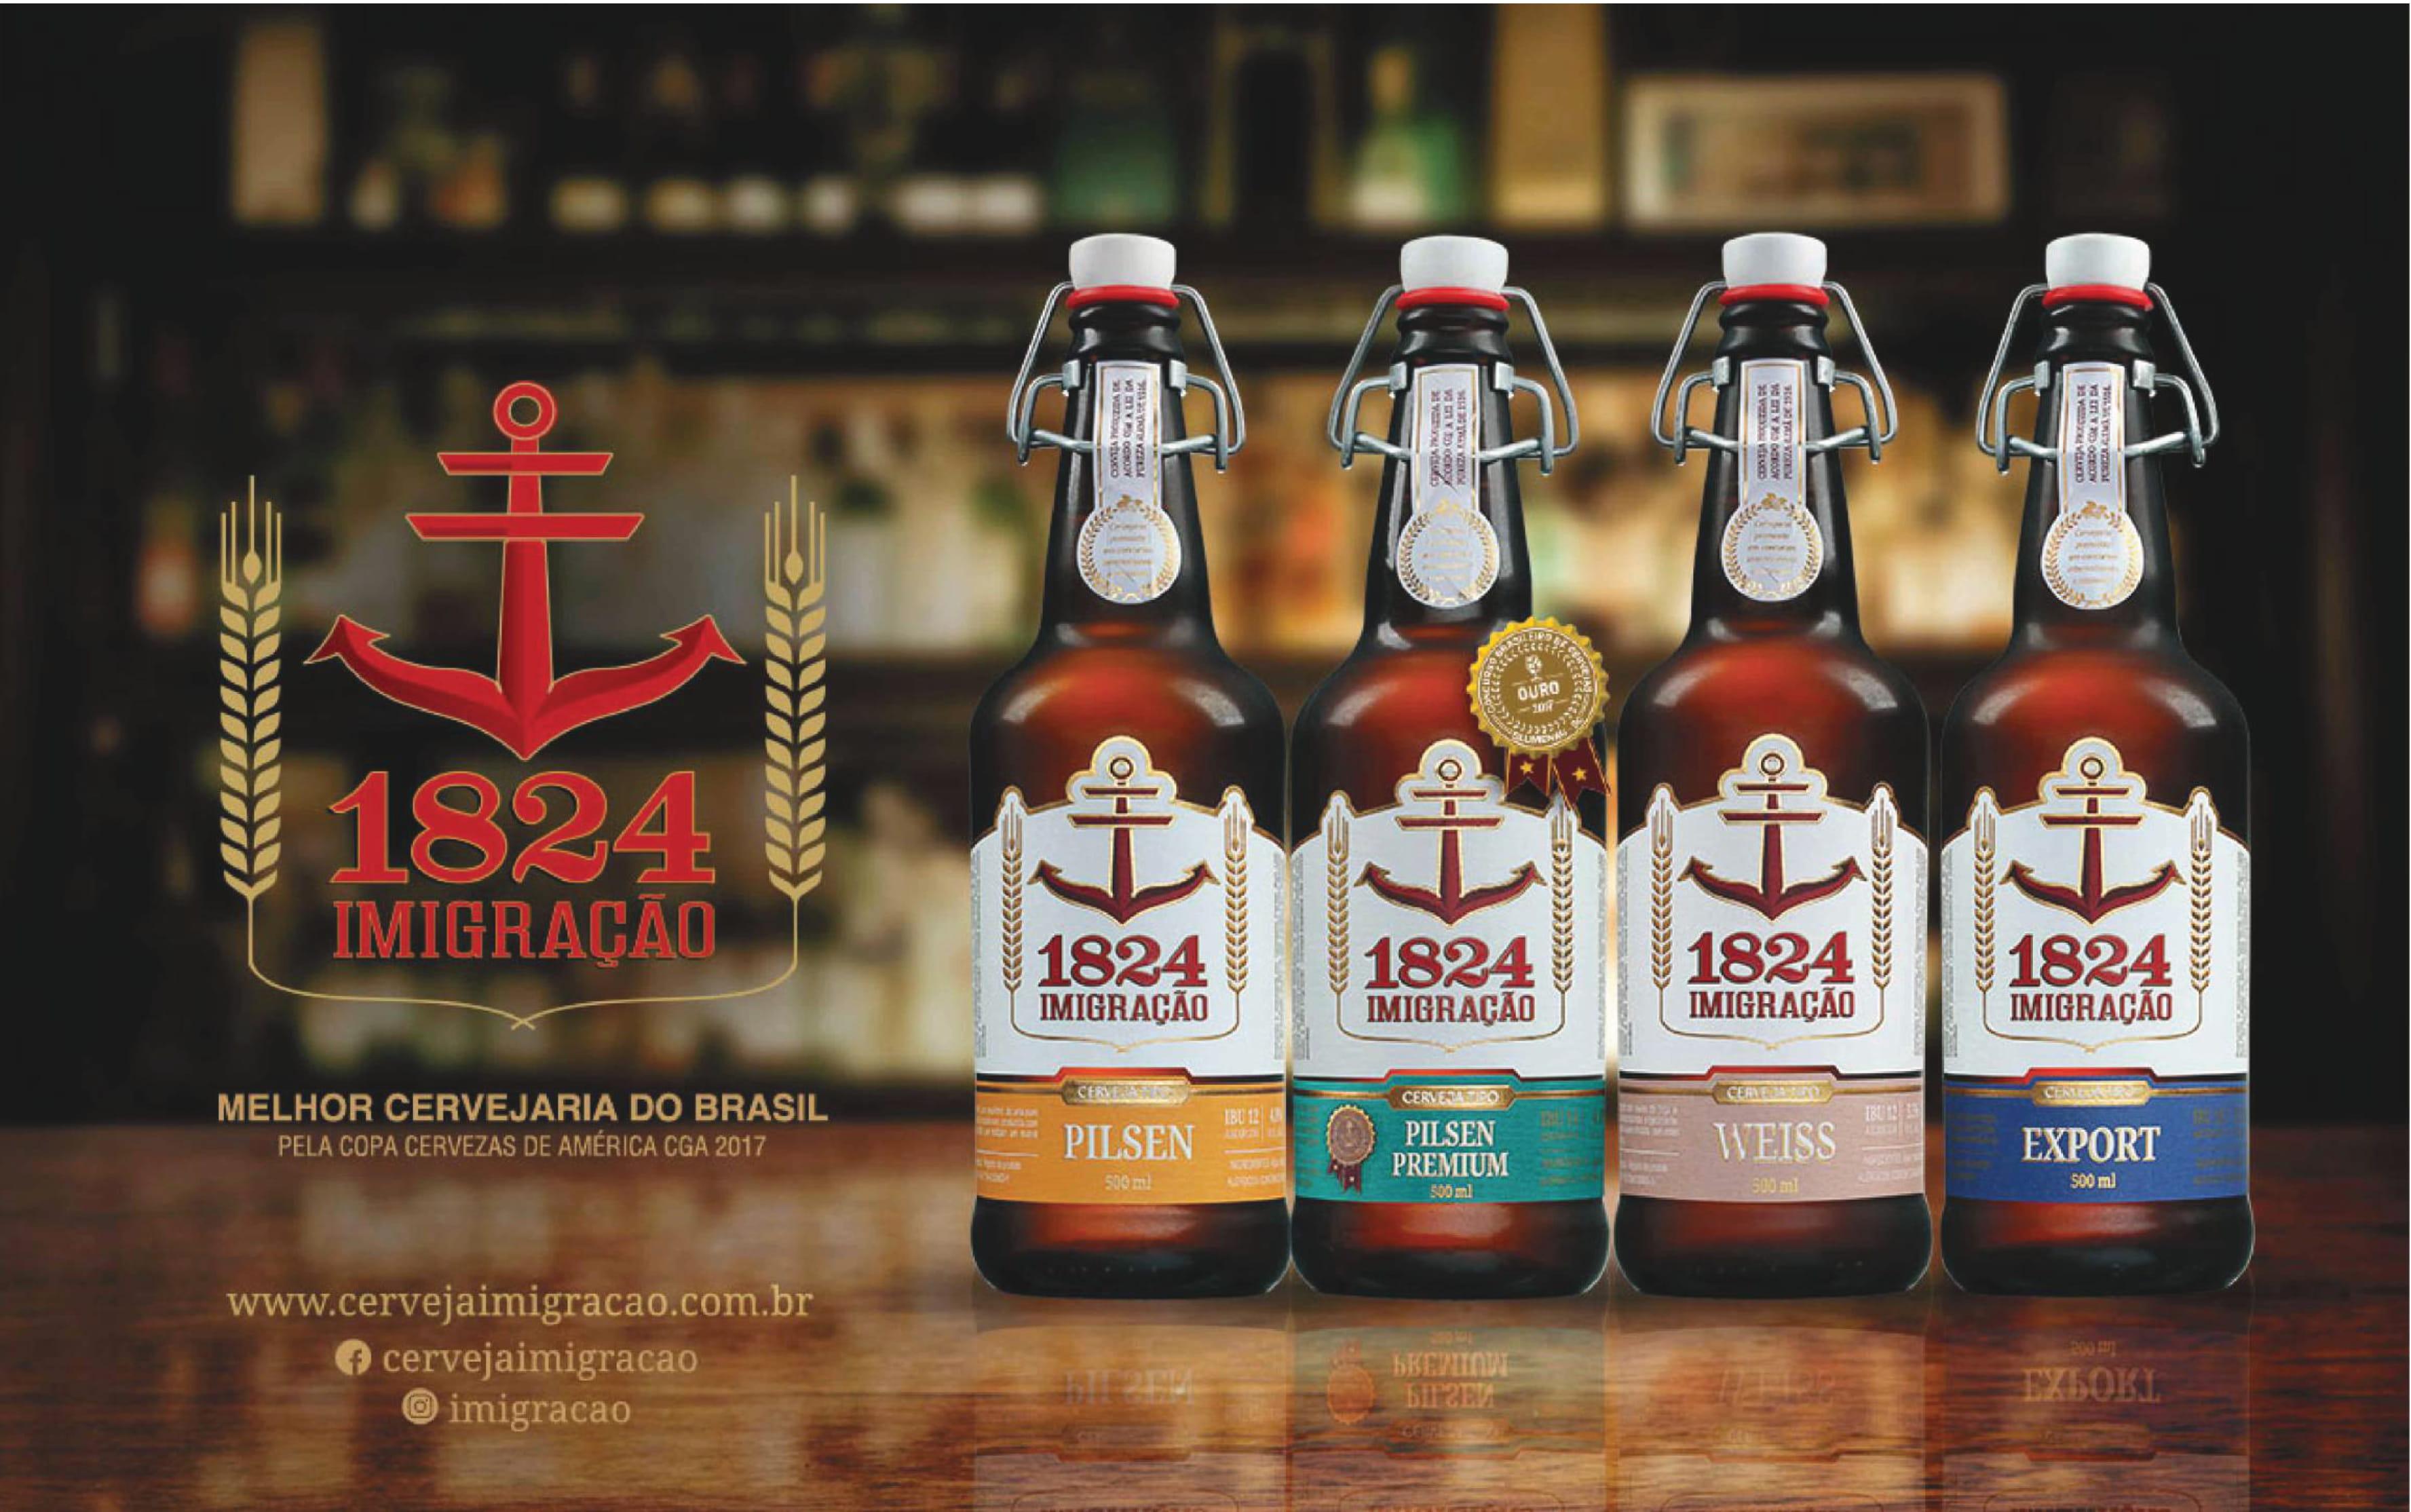 Cervejas Imigração